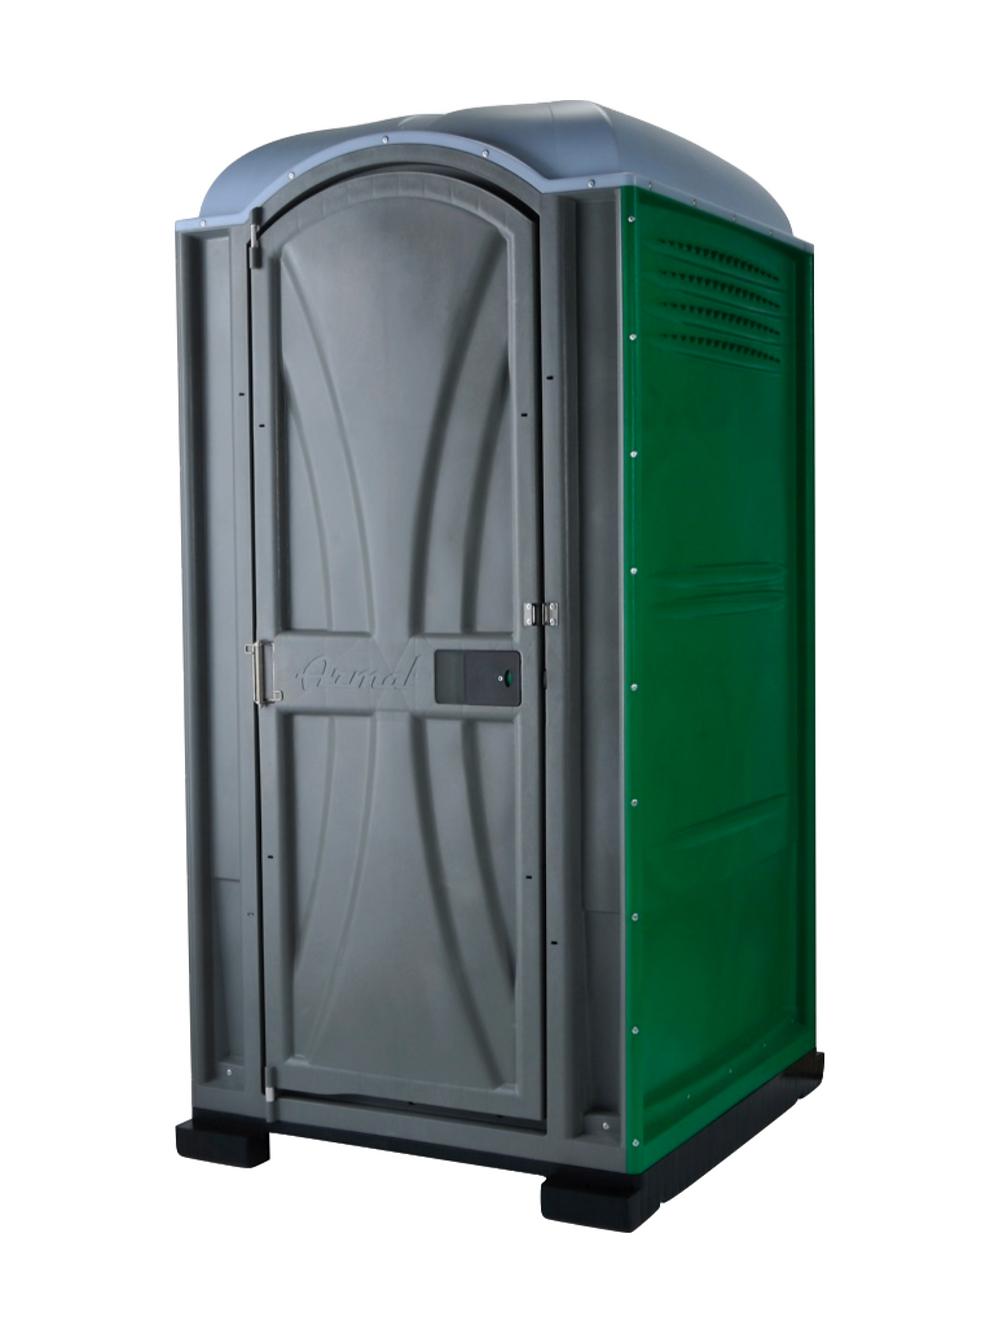 Armal Wave portable restroom